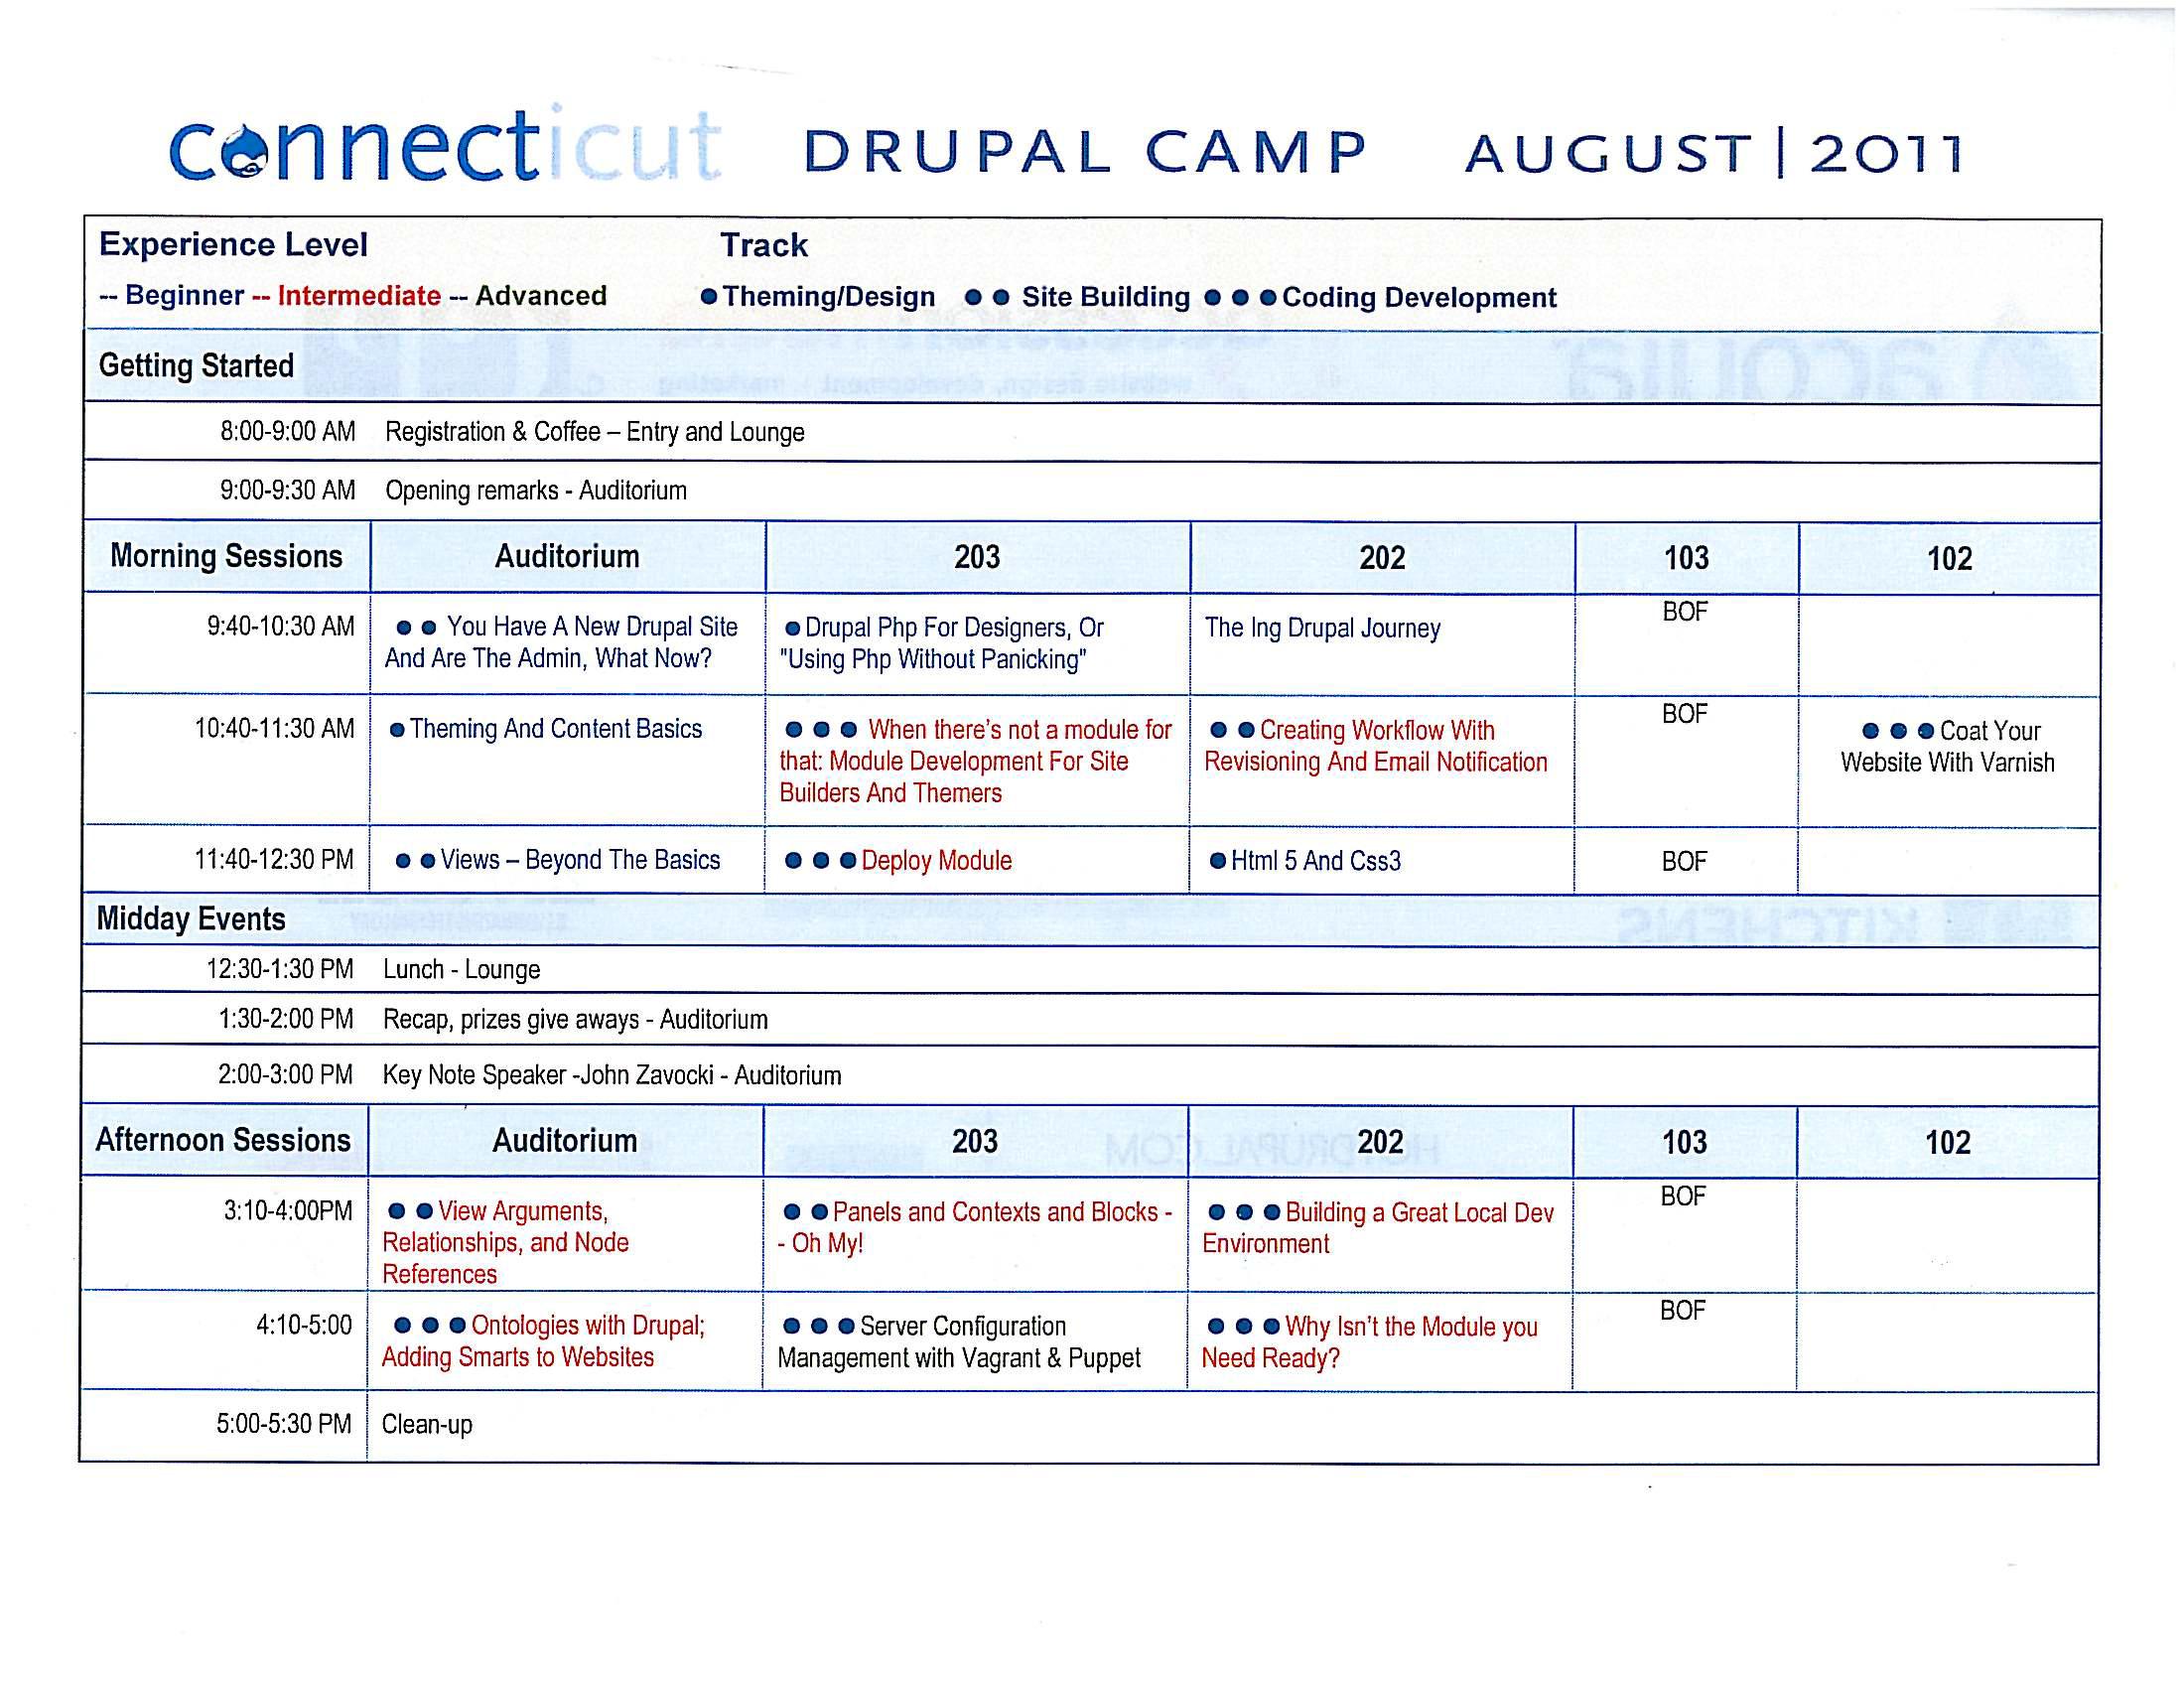 Program for DrupalCamp CT 2011 - click for larger